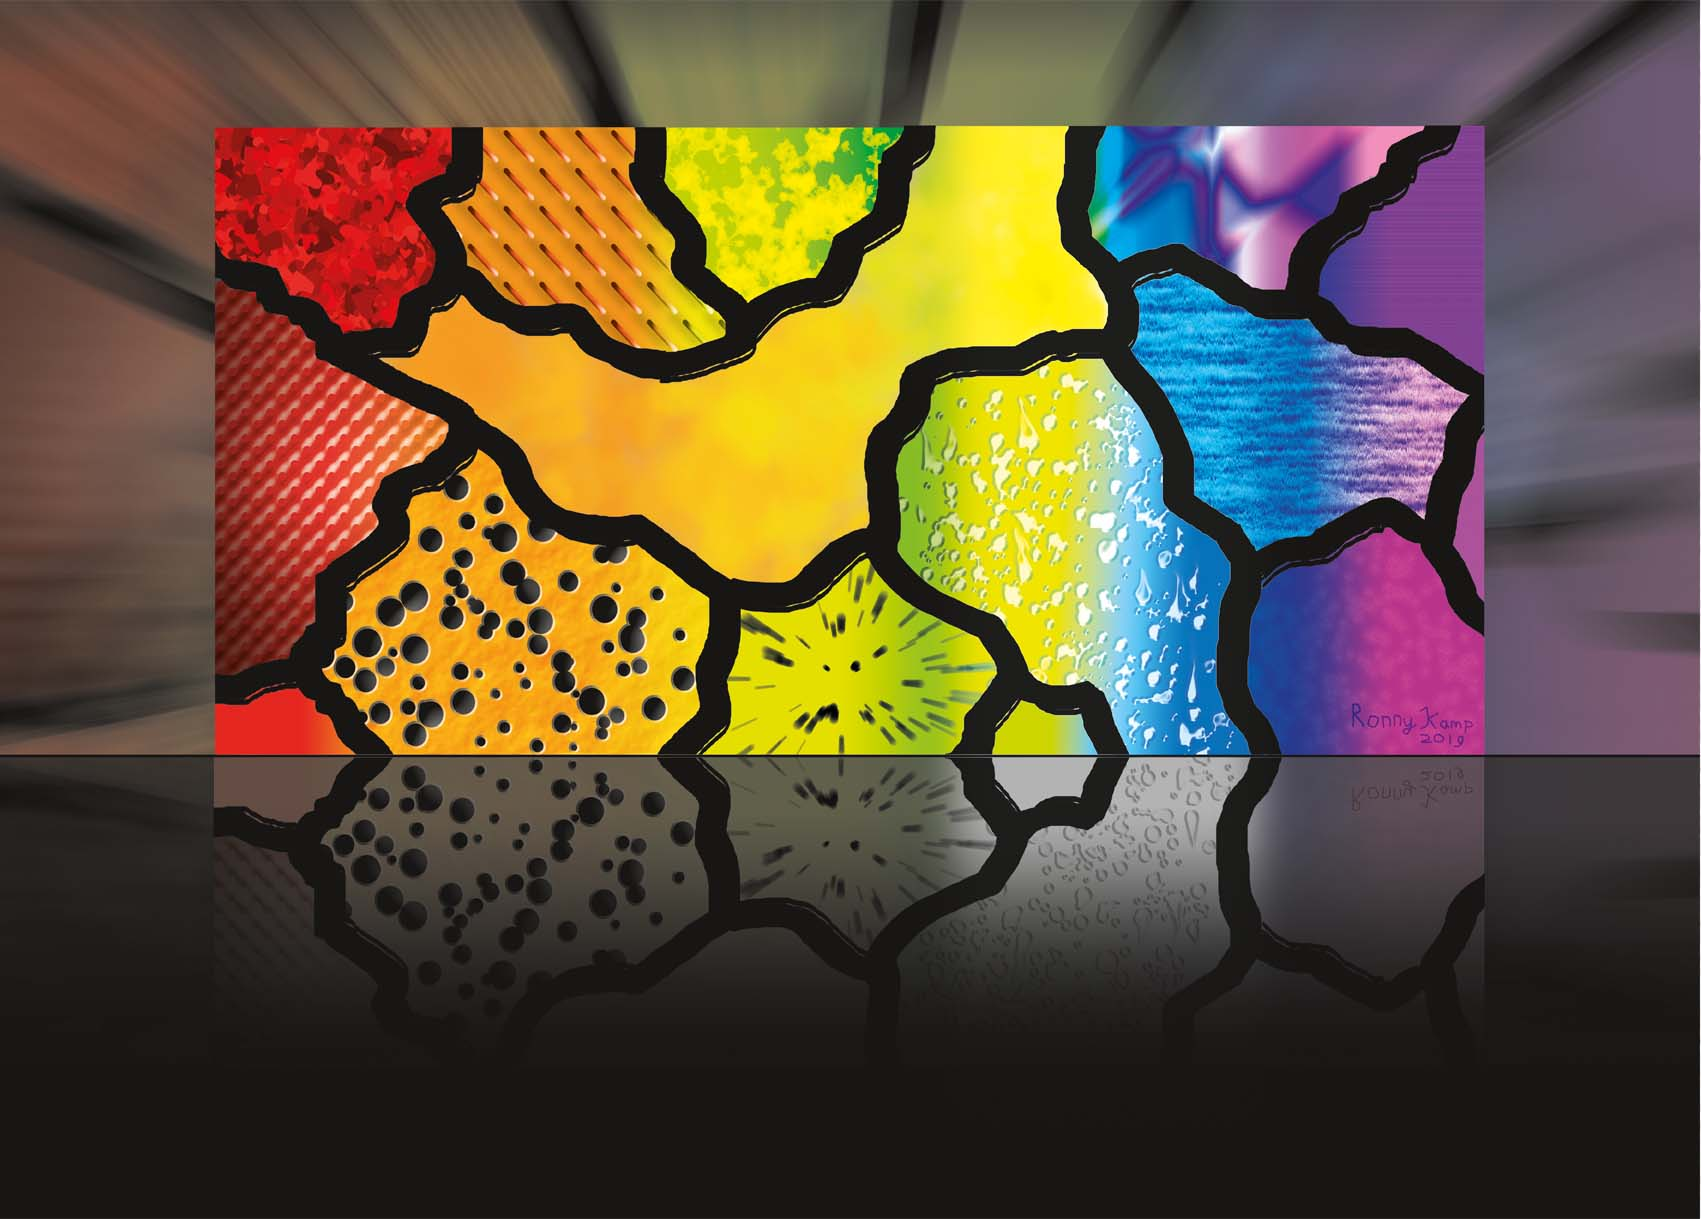 regenboog plaat